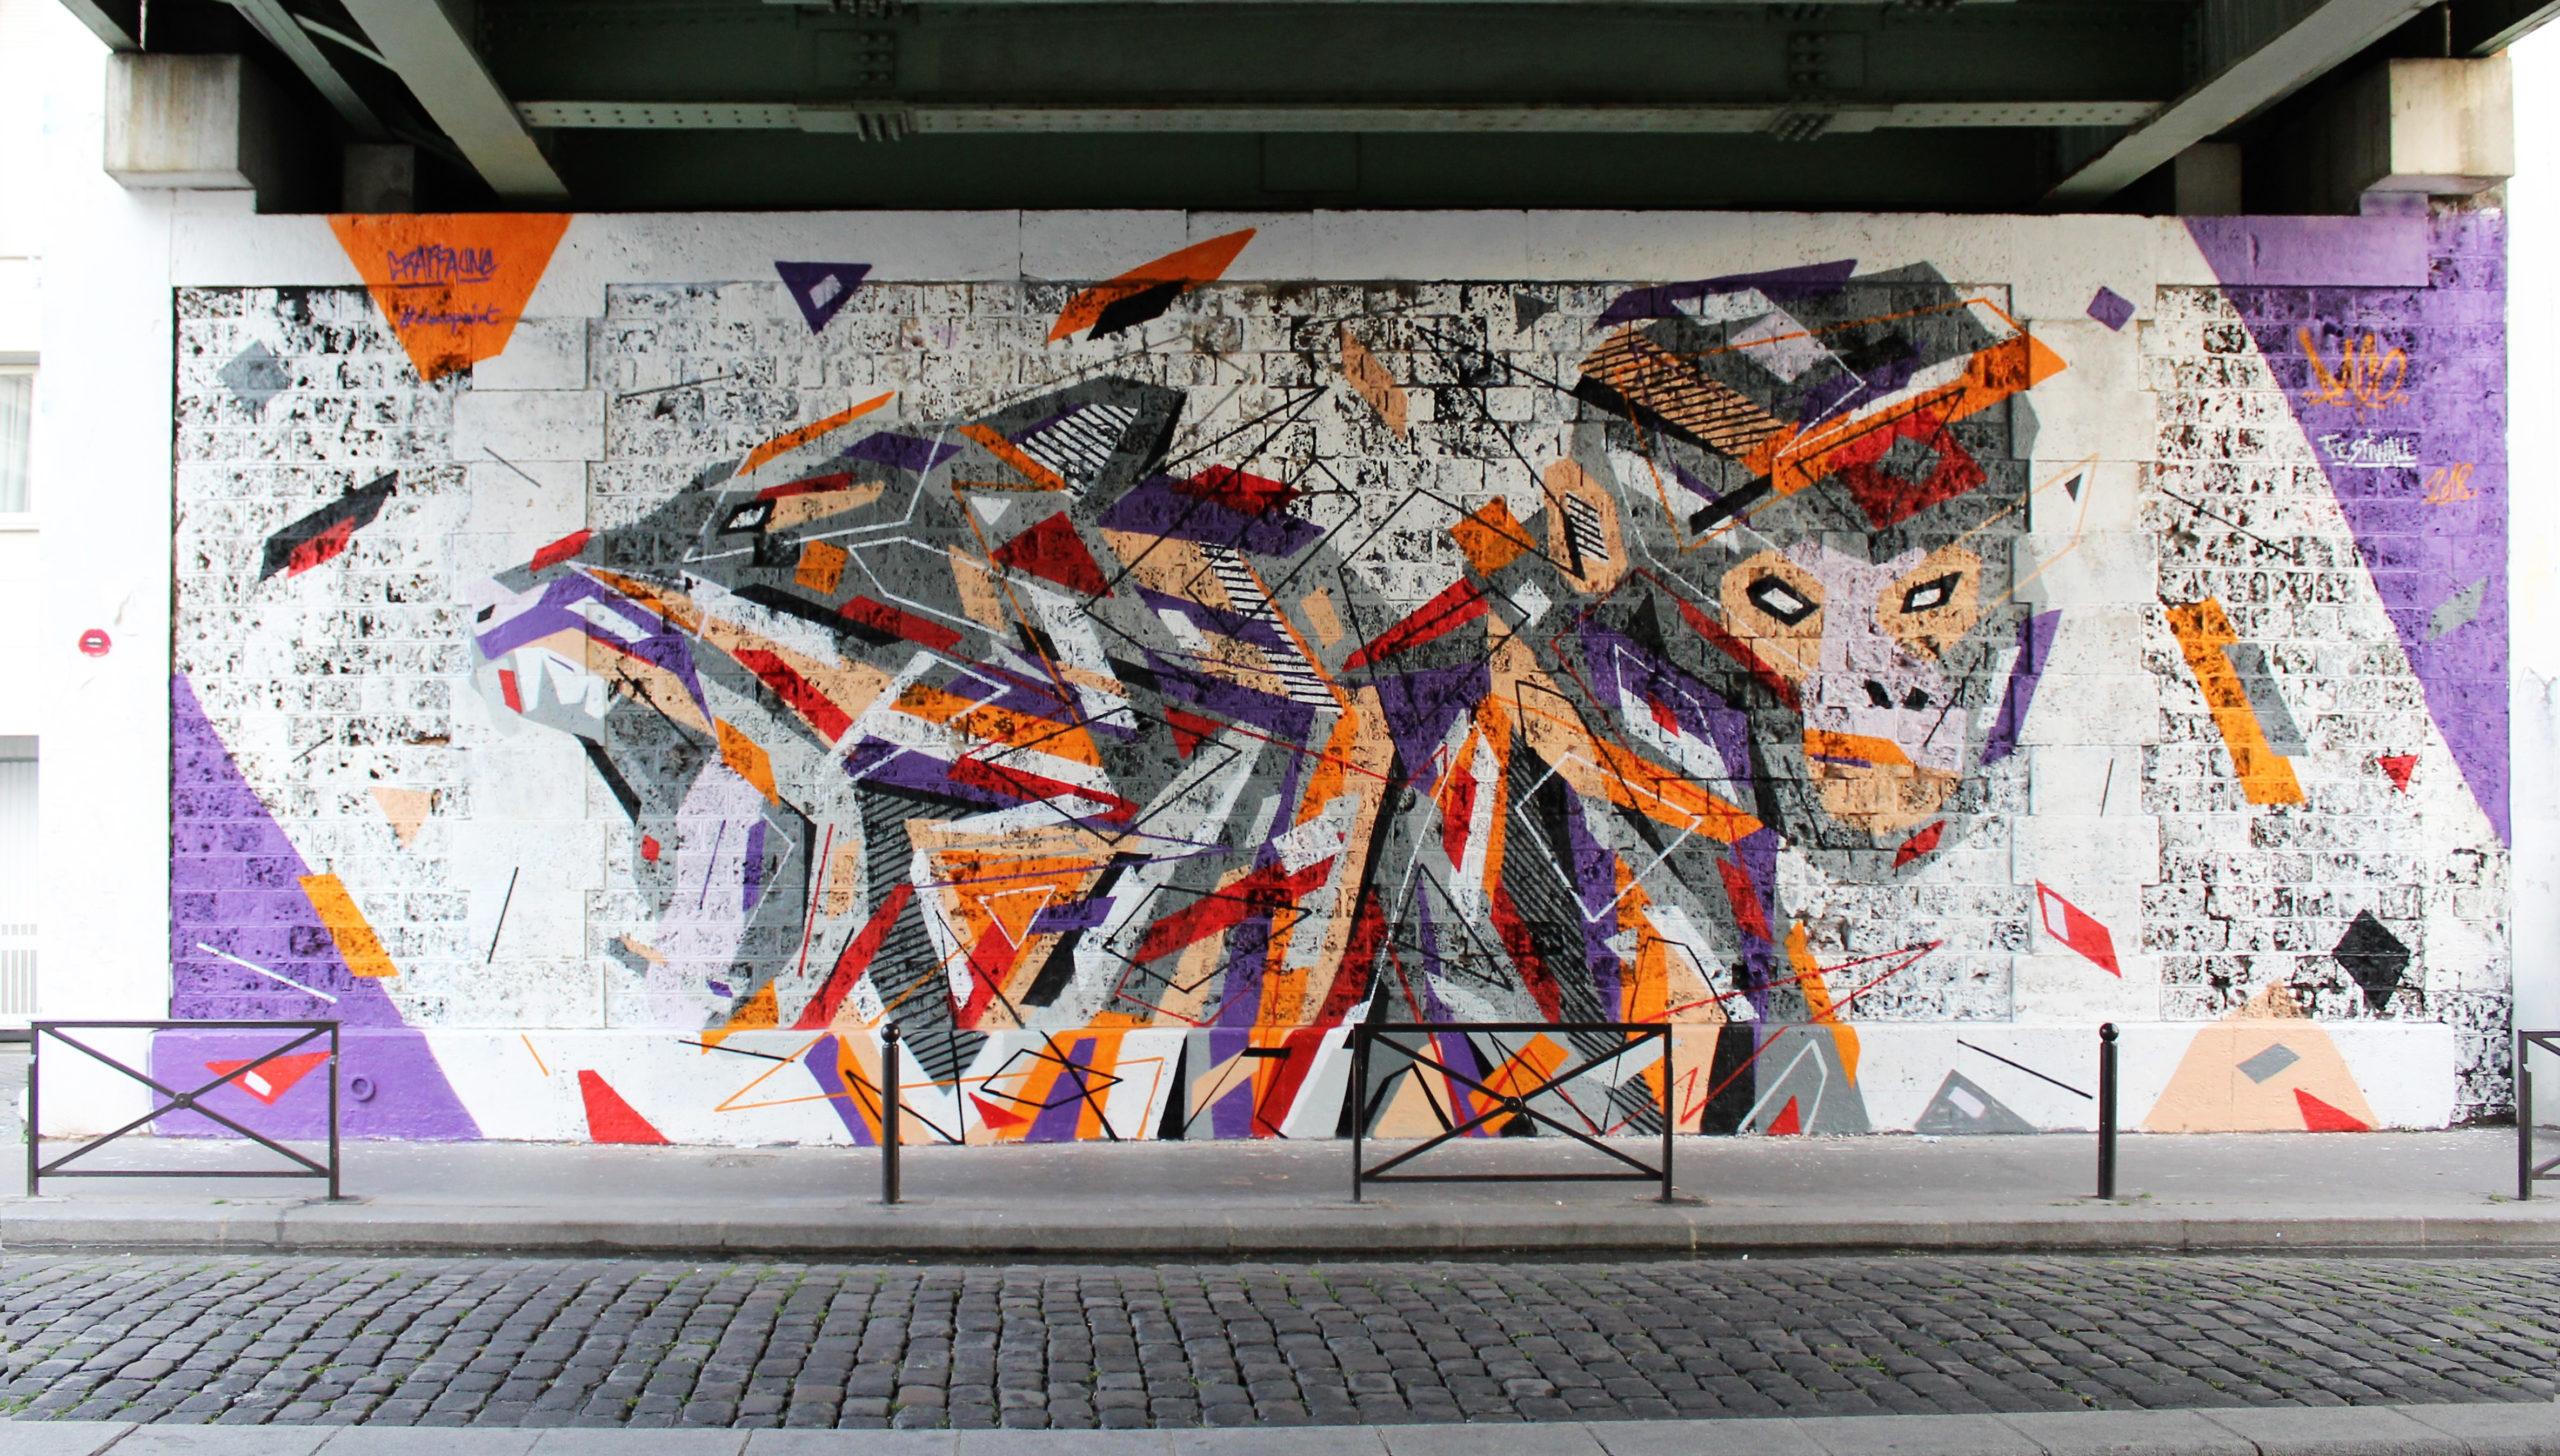 Fresque Graffaune Graffiti tigre et singe réalisée par Daco